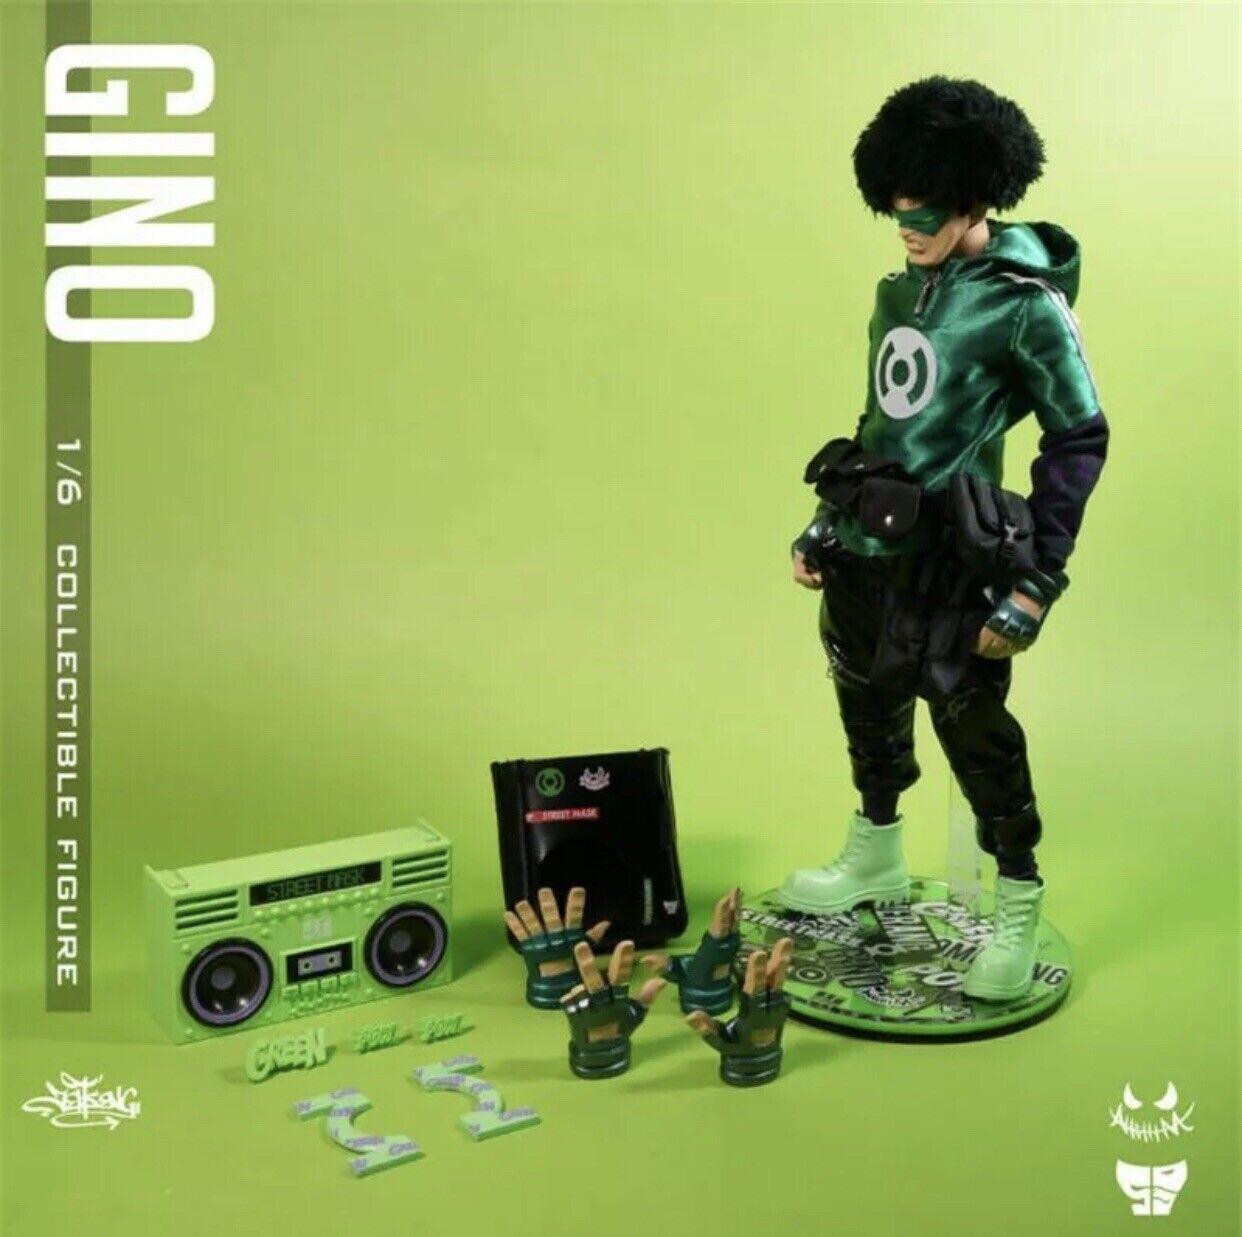 JT studio Gino 12 Designer Art giocattolo cifra con Boomscatola Nuovo in Scatola Edizione limitata 100